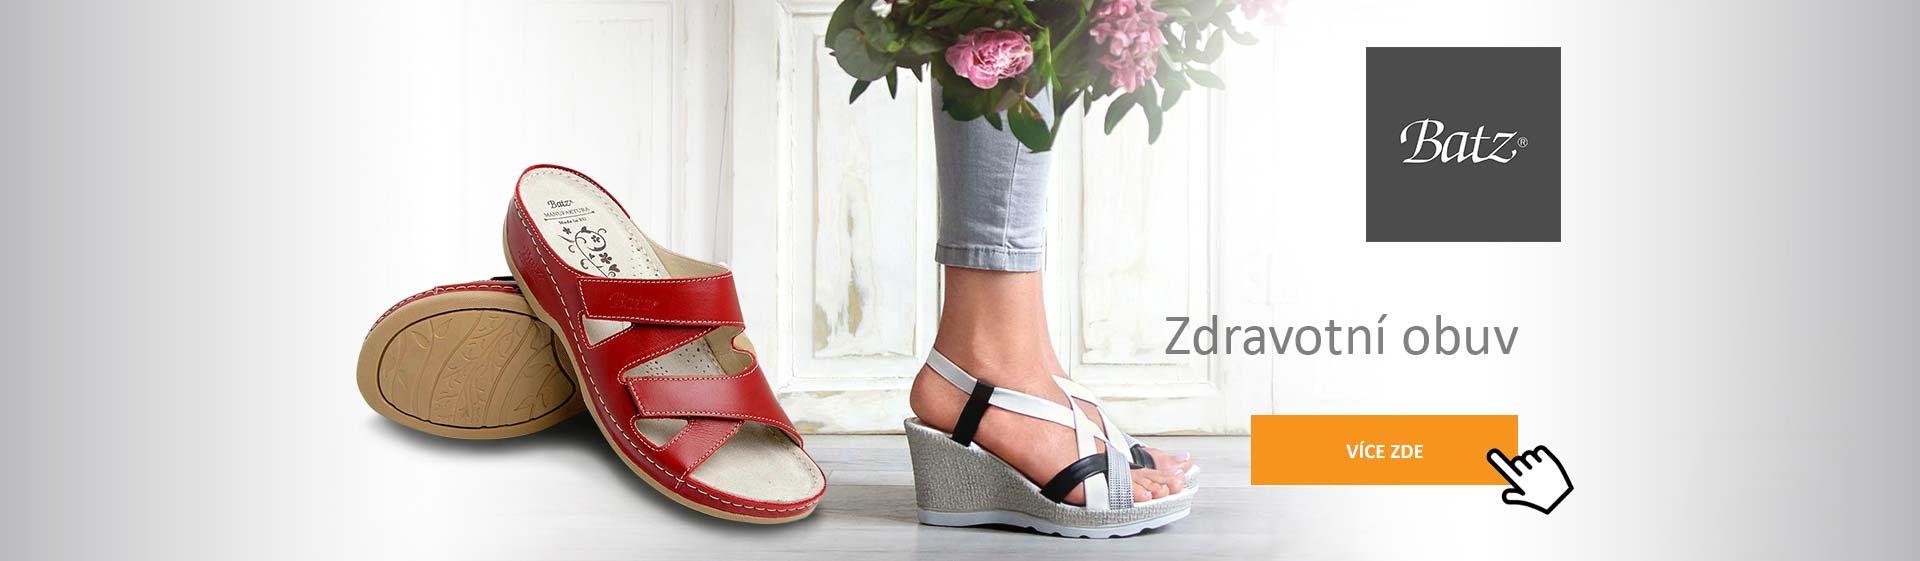 CZ Zdravotní obuv Batz